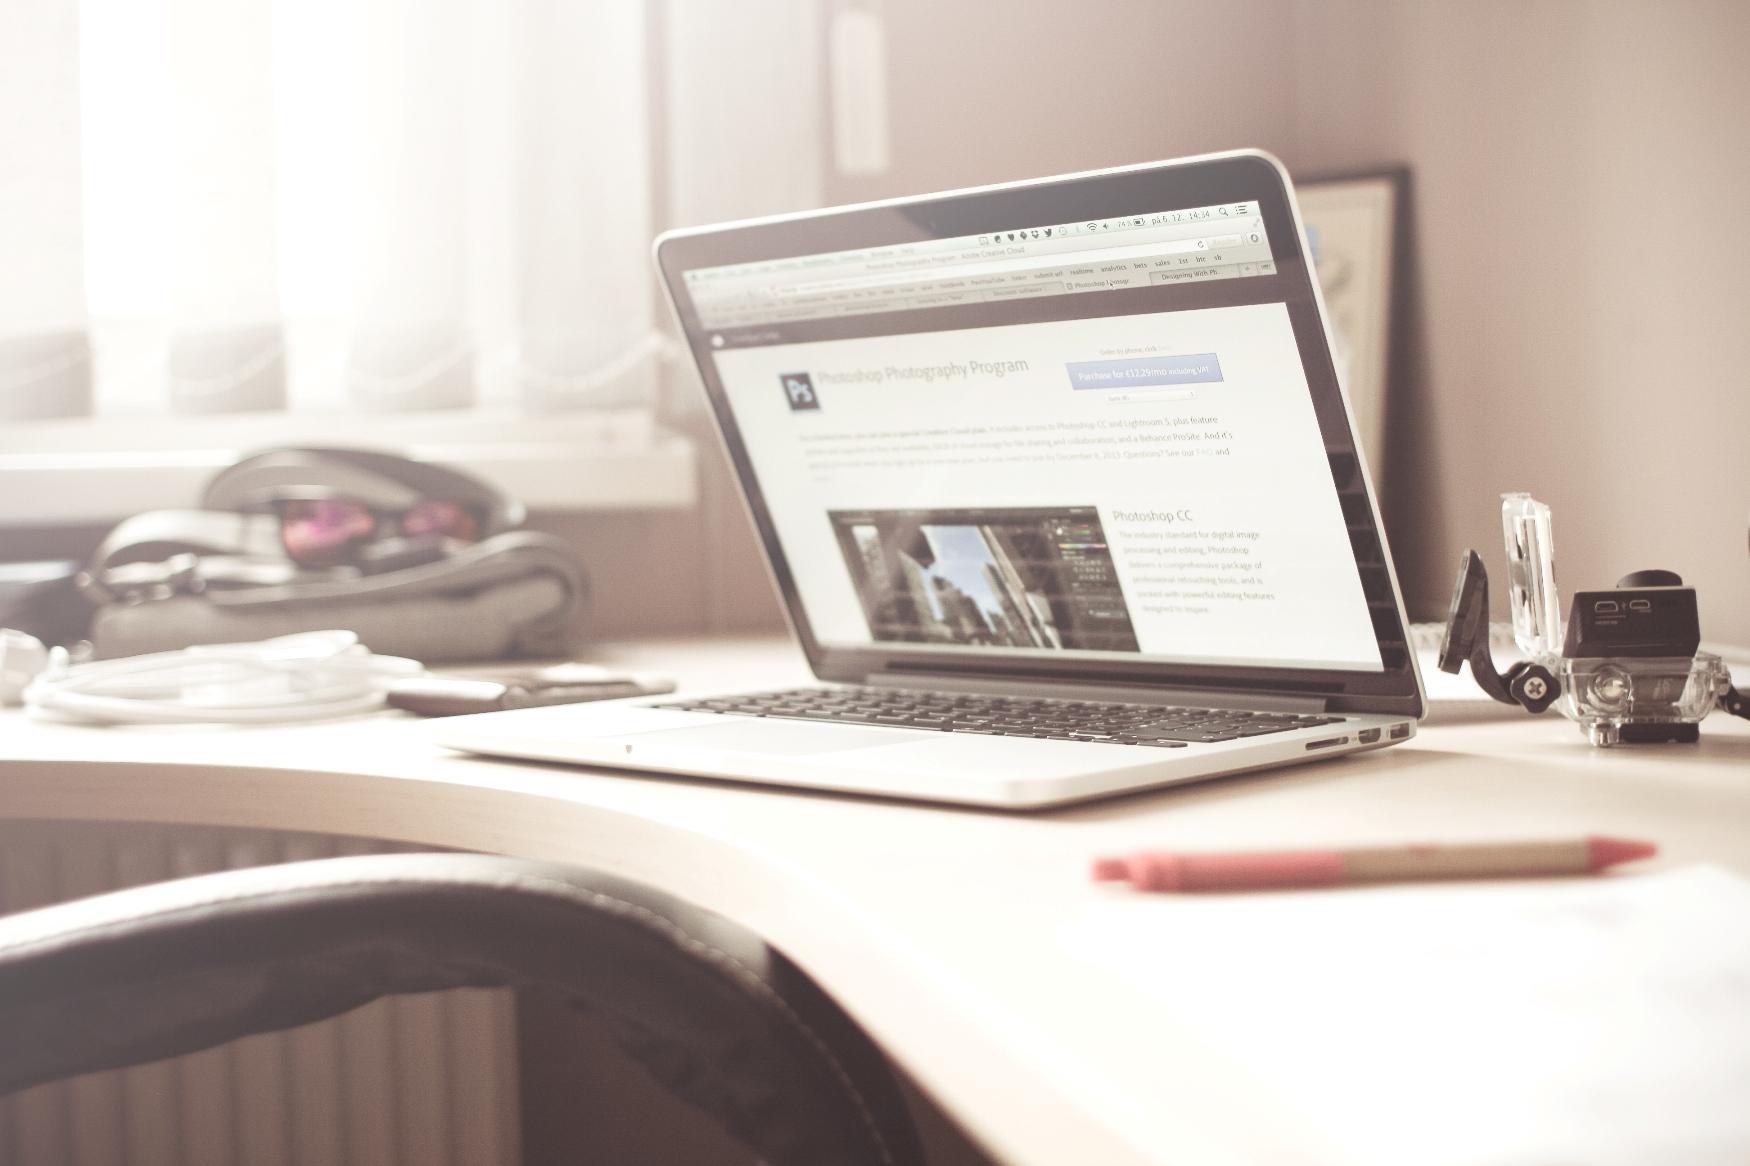 белый ноутбук. Ремонт ноутбуков на дому